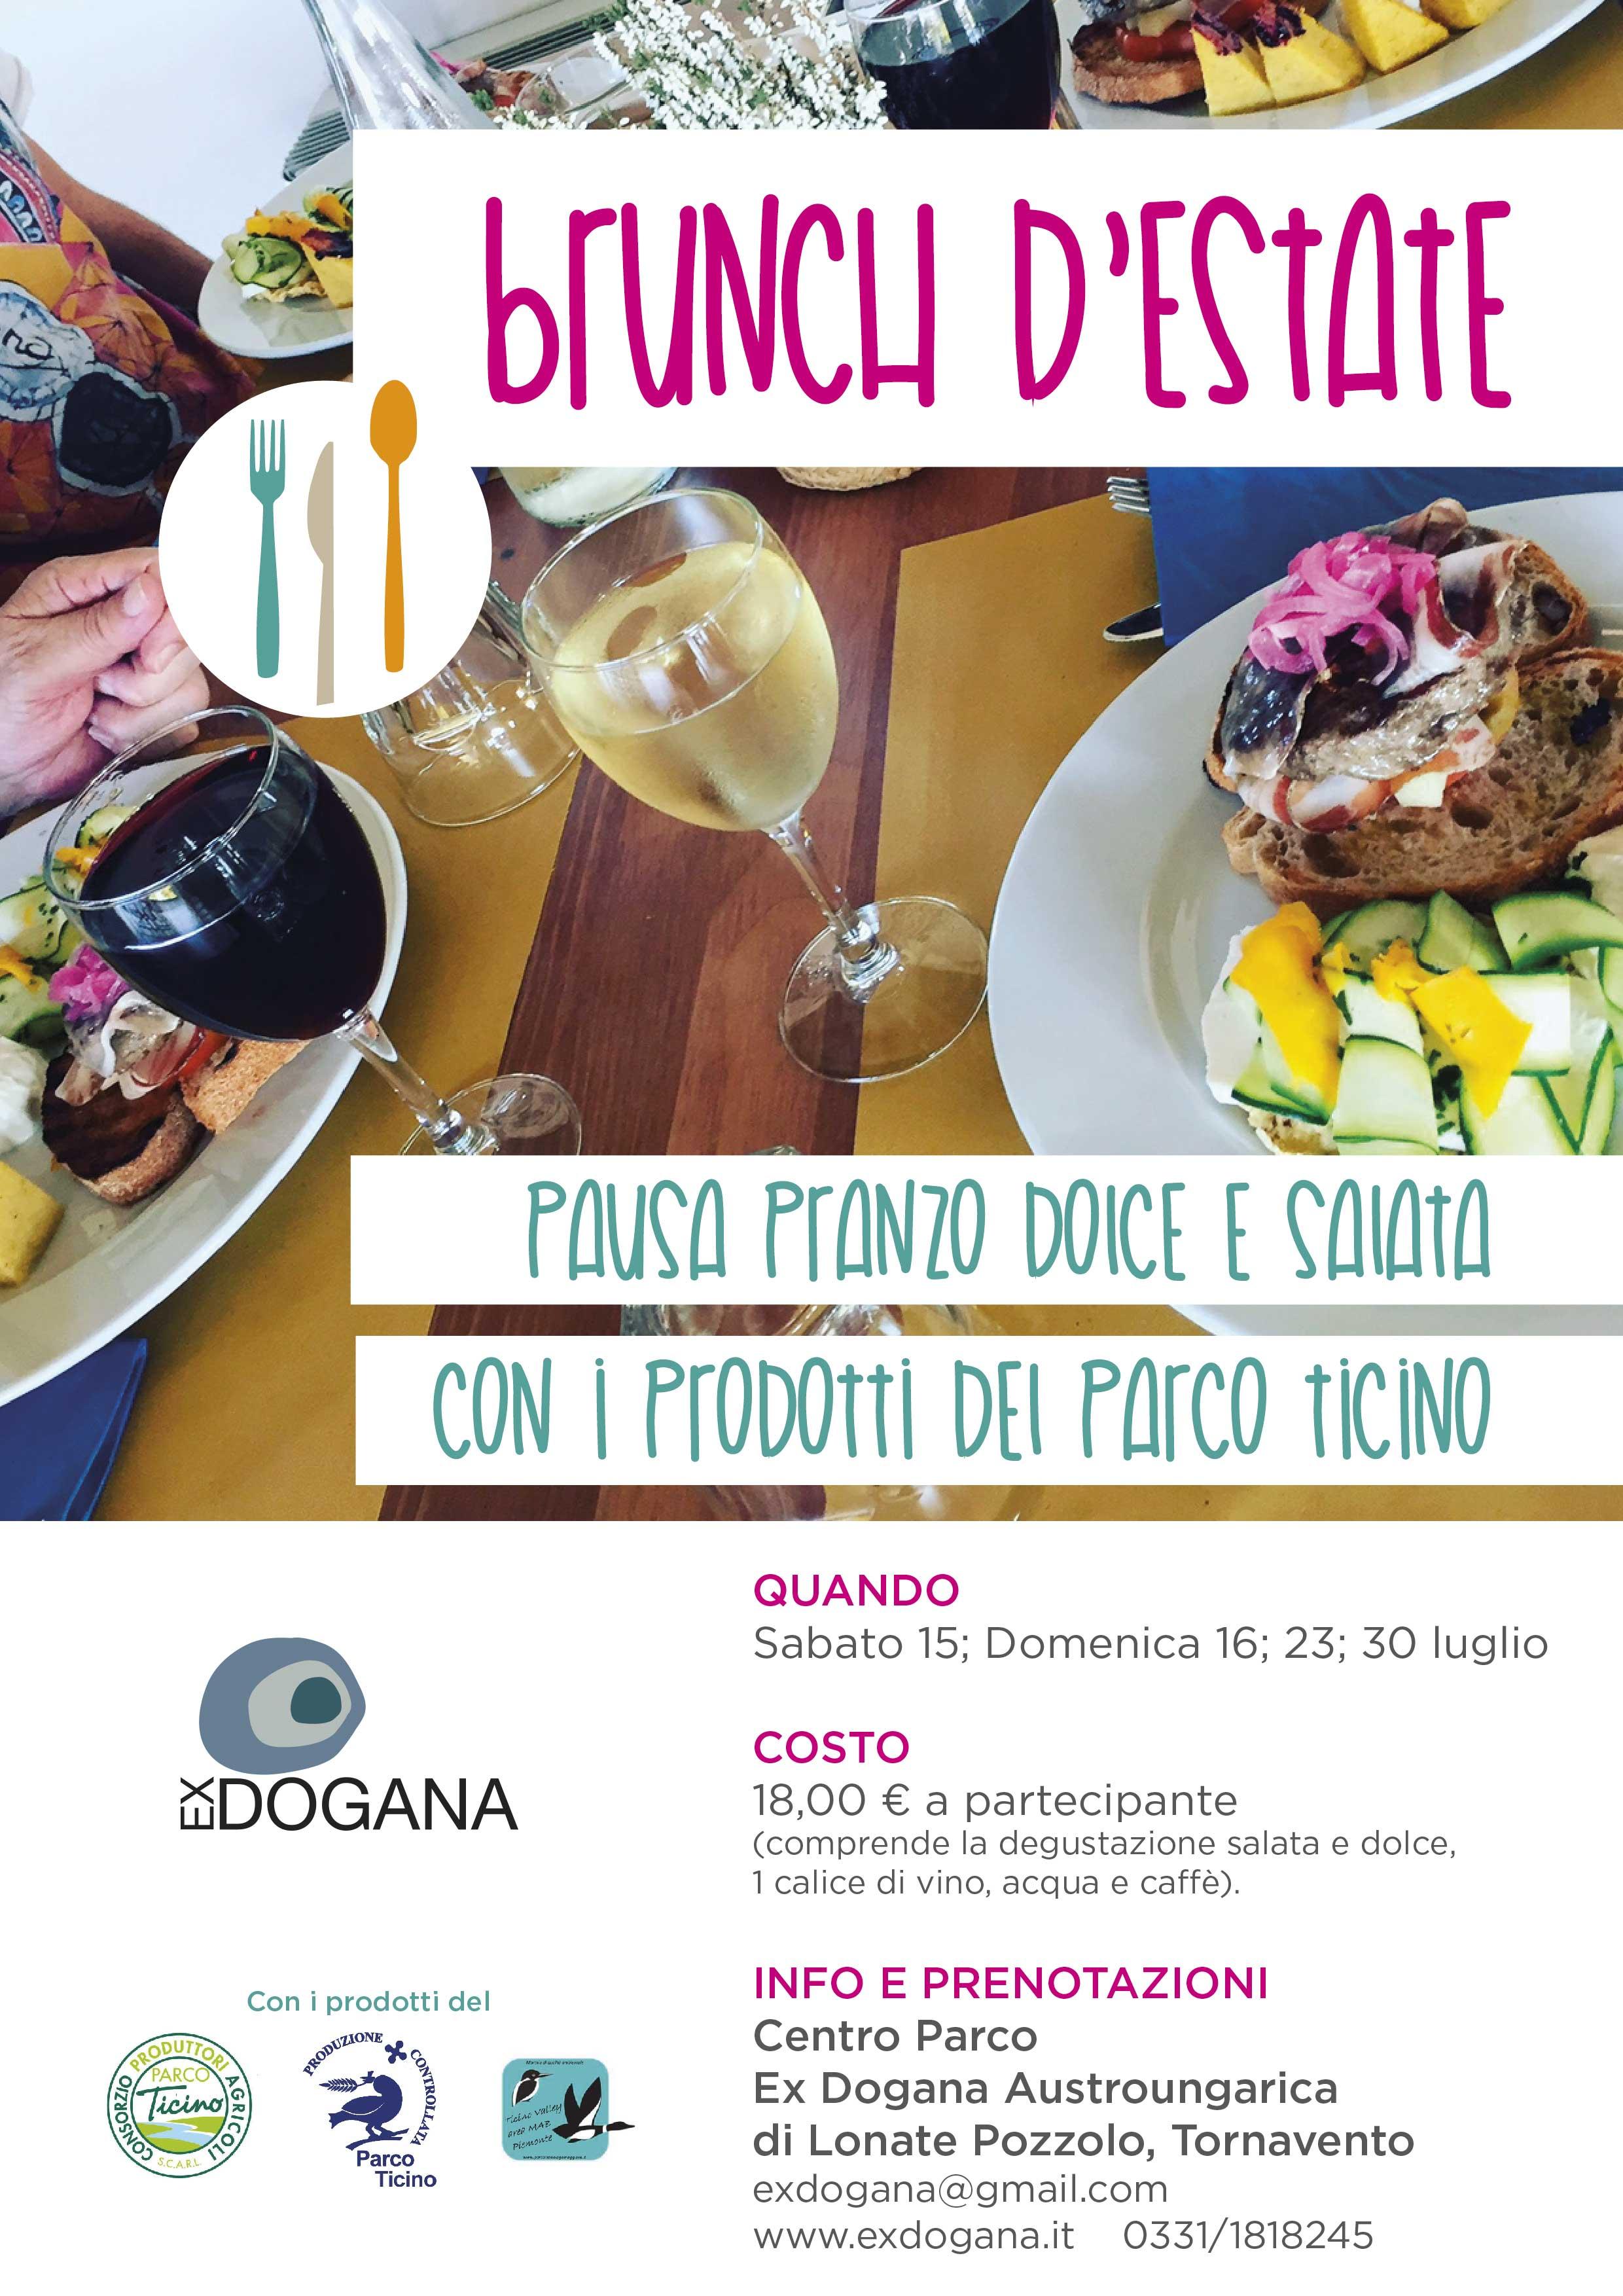 Brunch d'estate con i prodotti a marchio Parco Ticino e dell'Area Mab